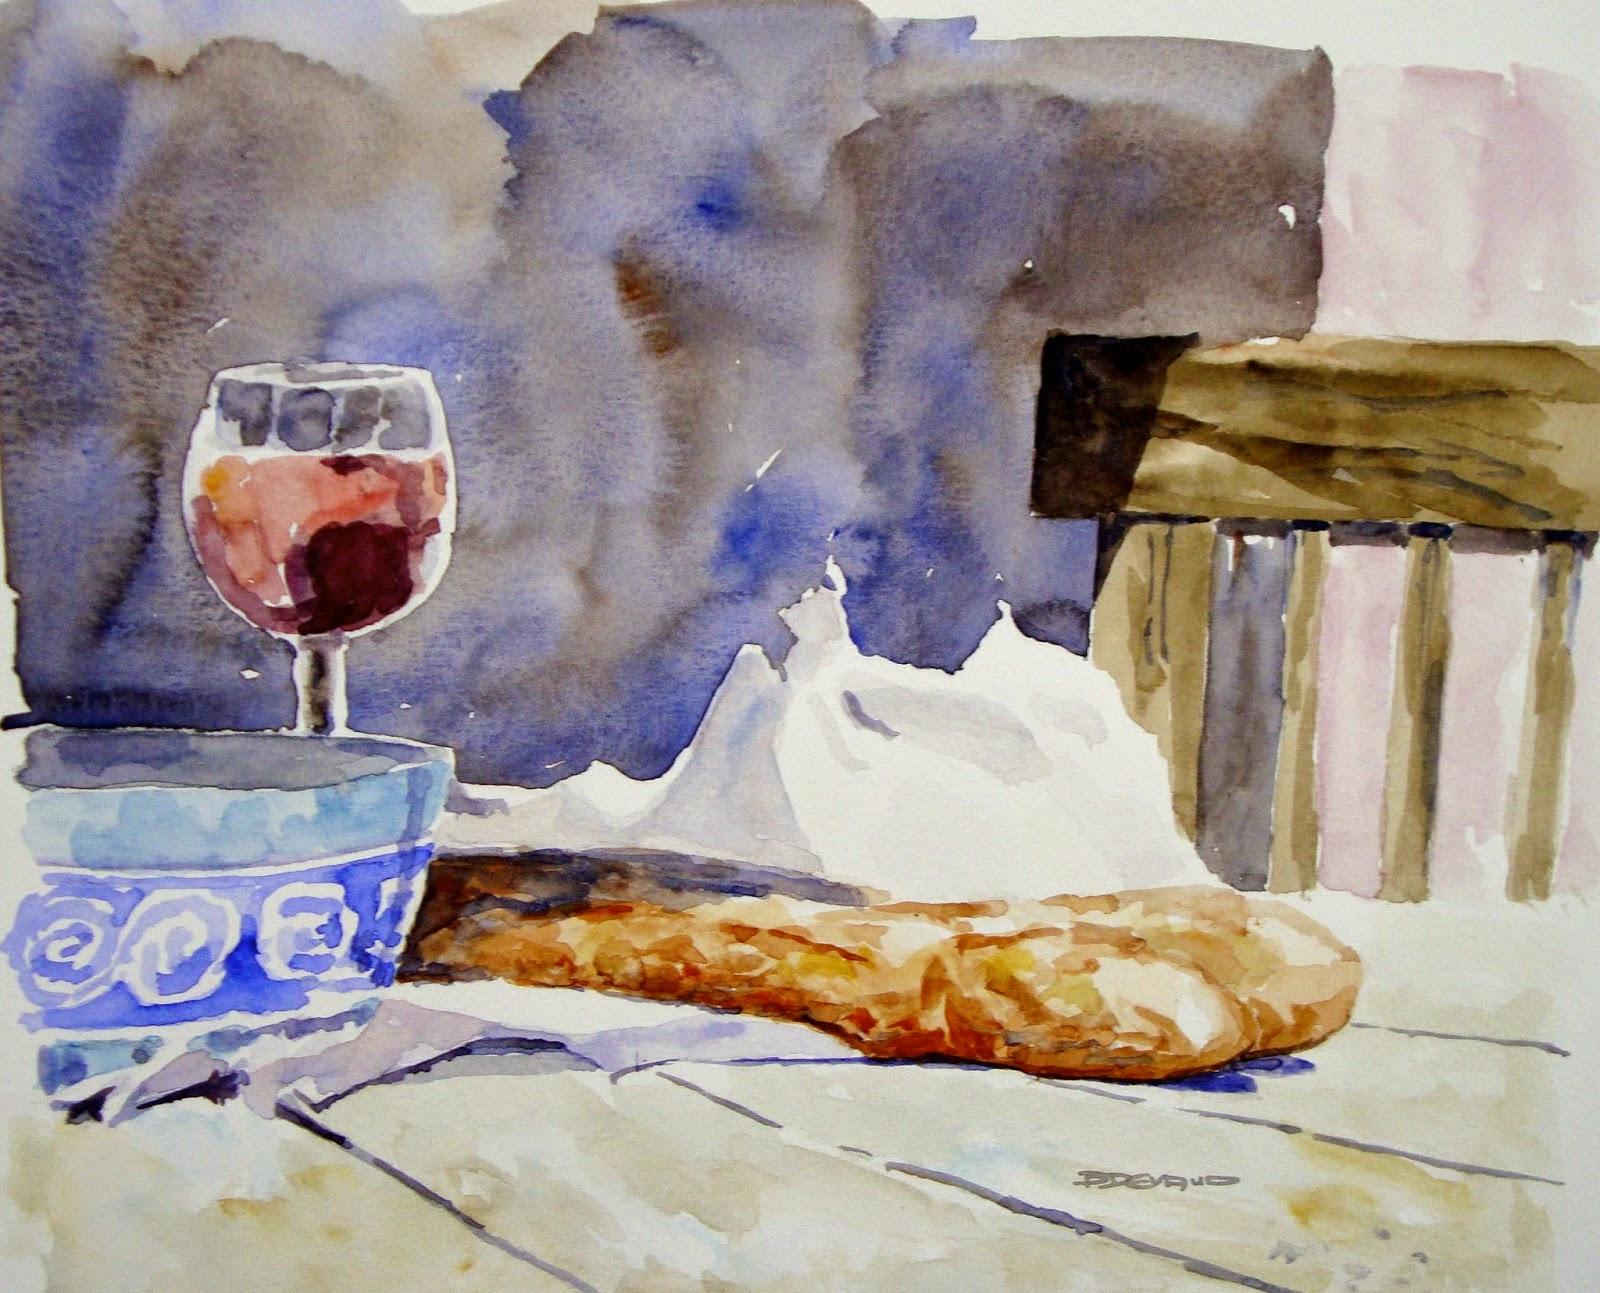 Atelier la sauvagine studio du pain frais french bread for Congeler du pain frais